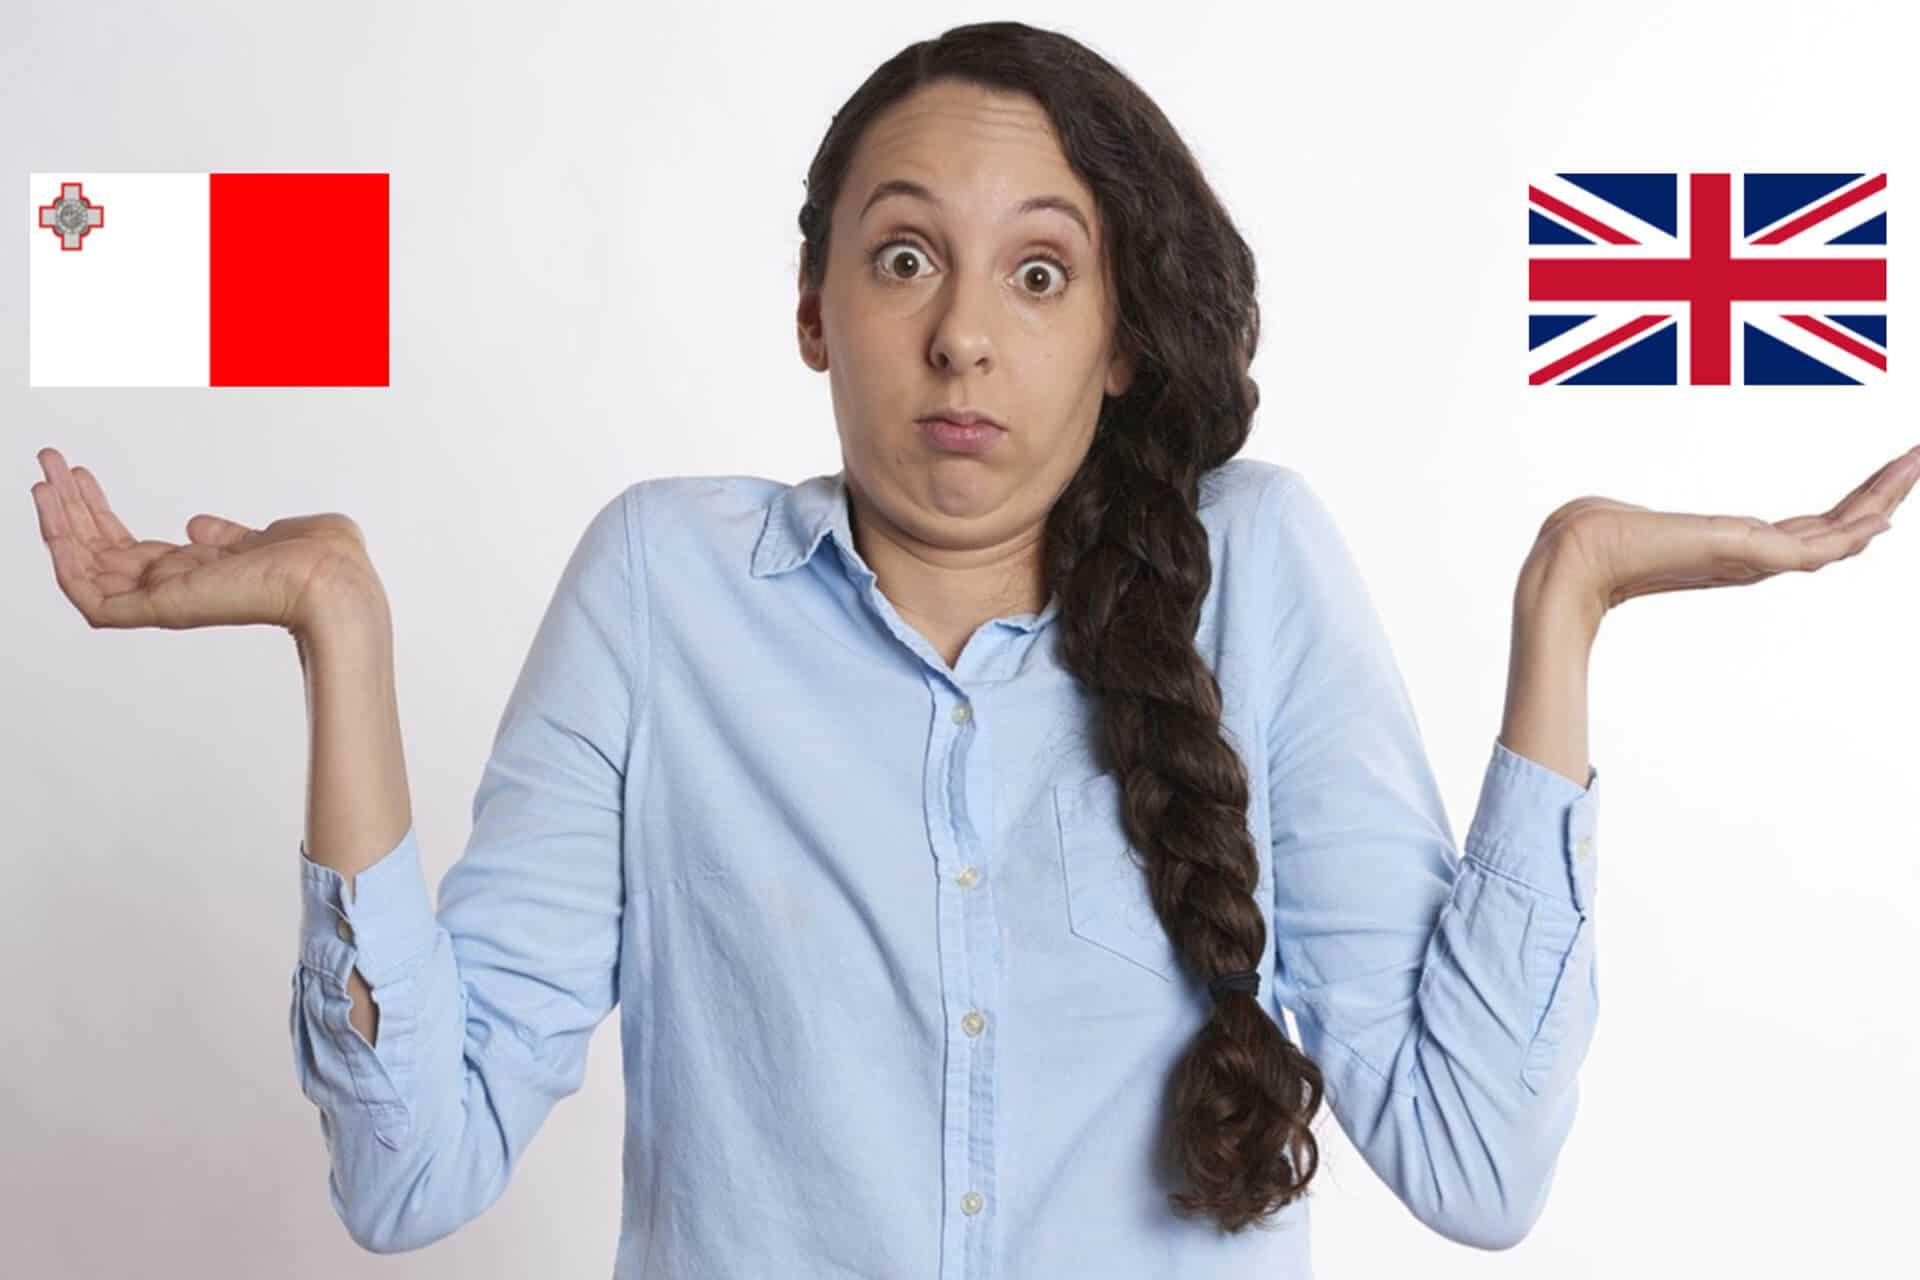 Séjour linguistique : choisir Malte ou bien l'Angleterre ?